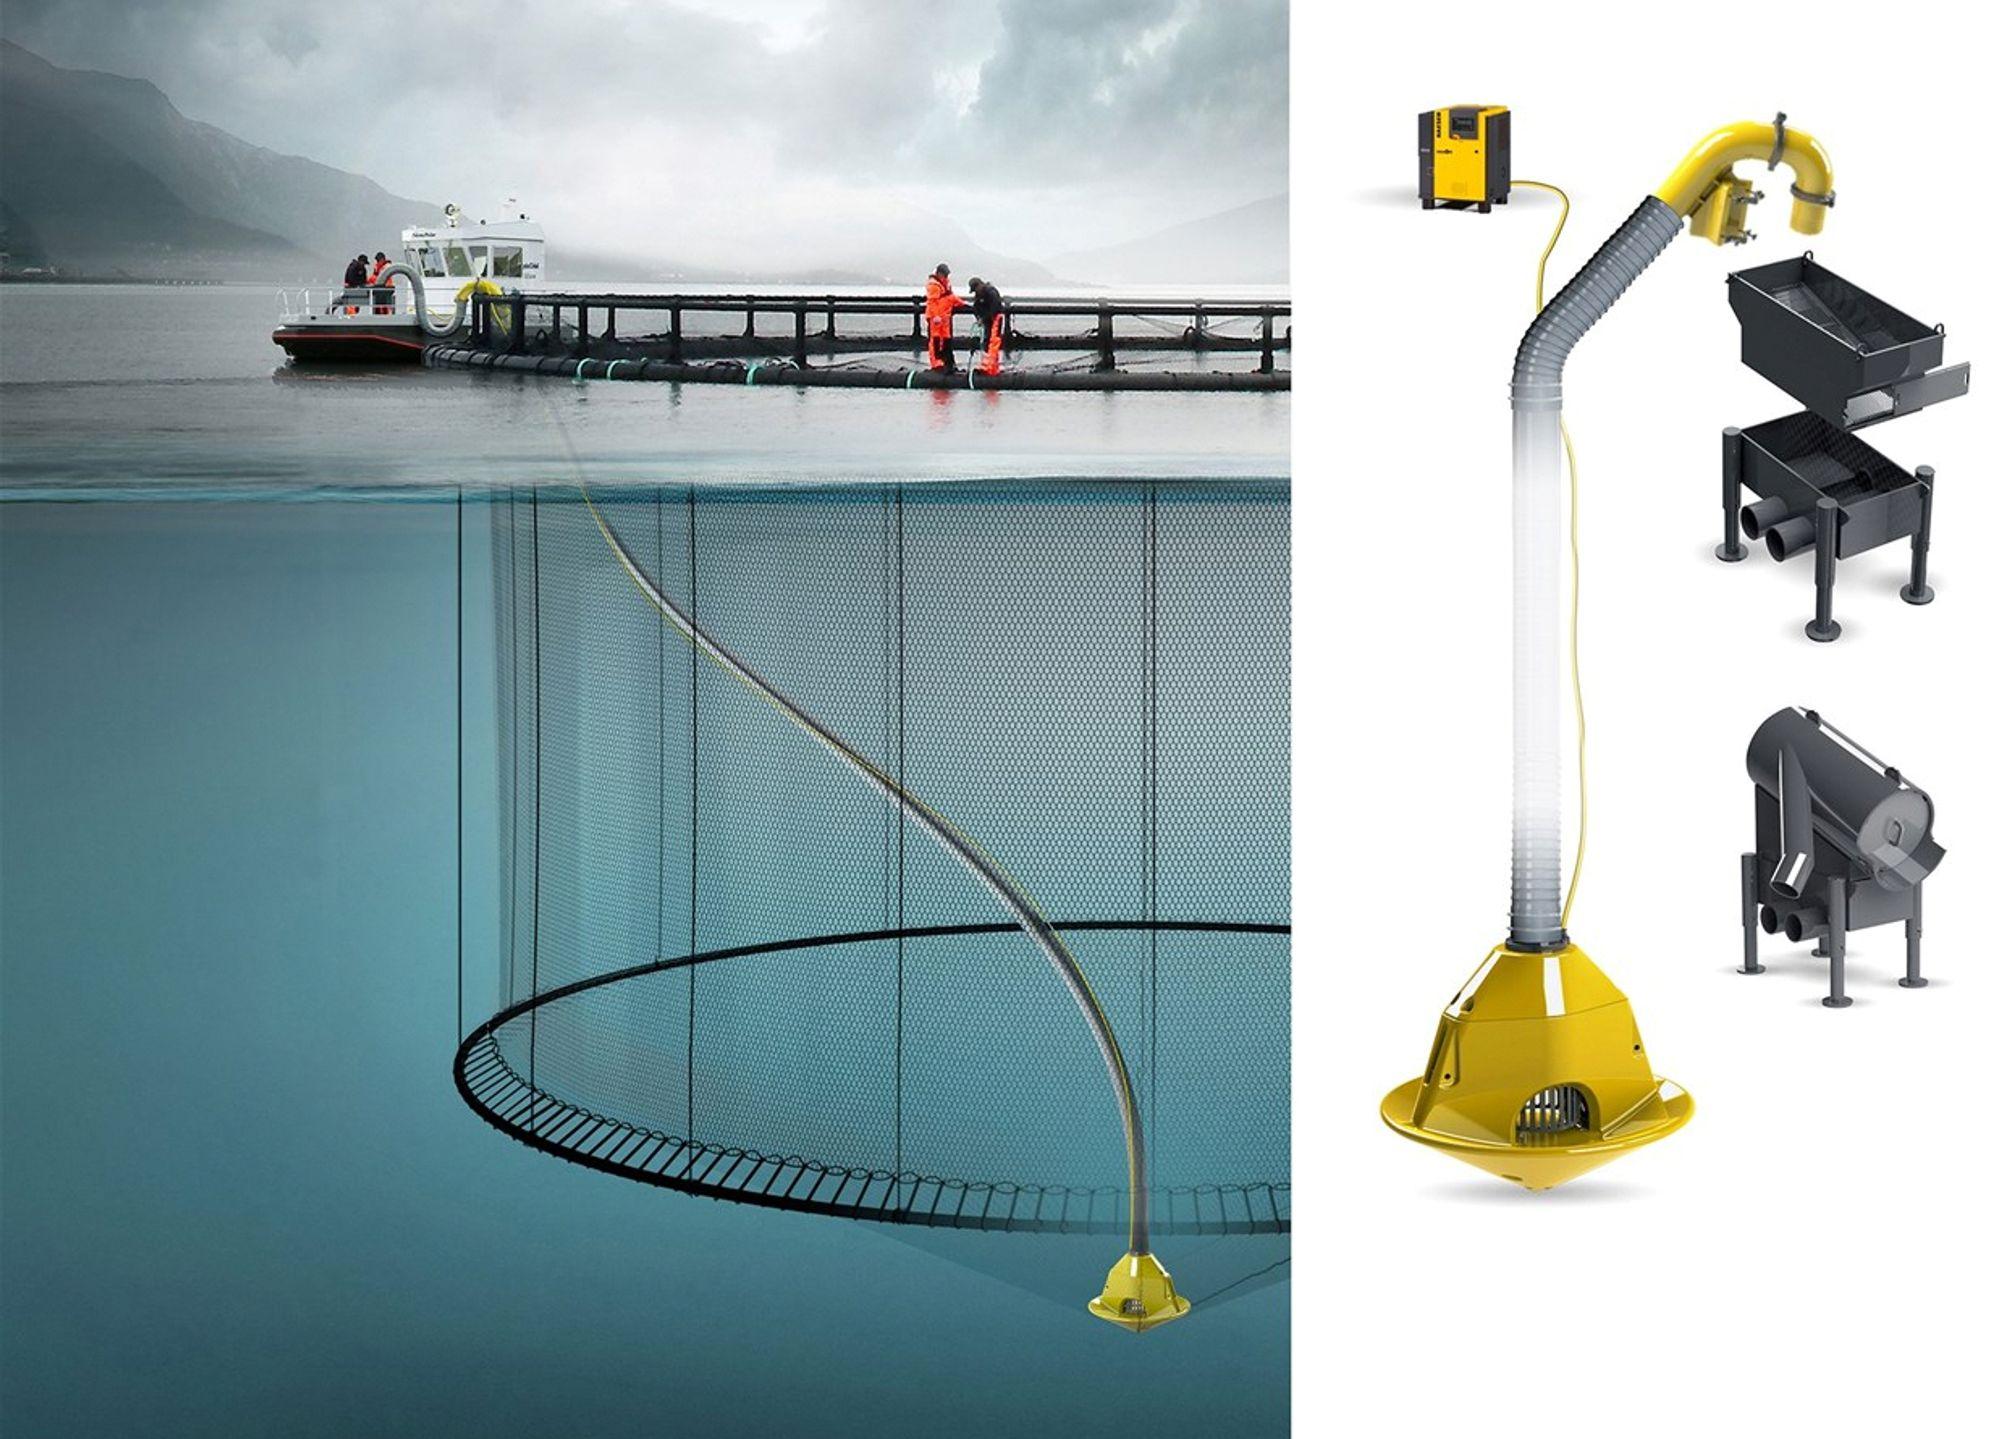 Akva group har utviklet en støvsuger for død fisk. Ved hjelp av en kompressor som tilfører luft fra bunnen oppstår et sug som kan frakte død fisk opp.